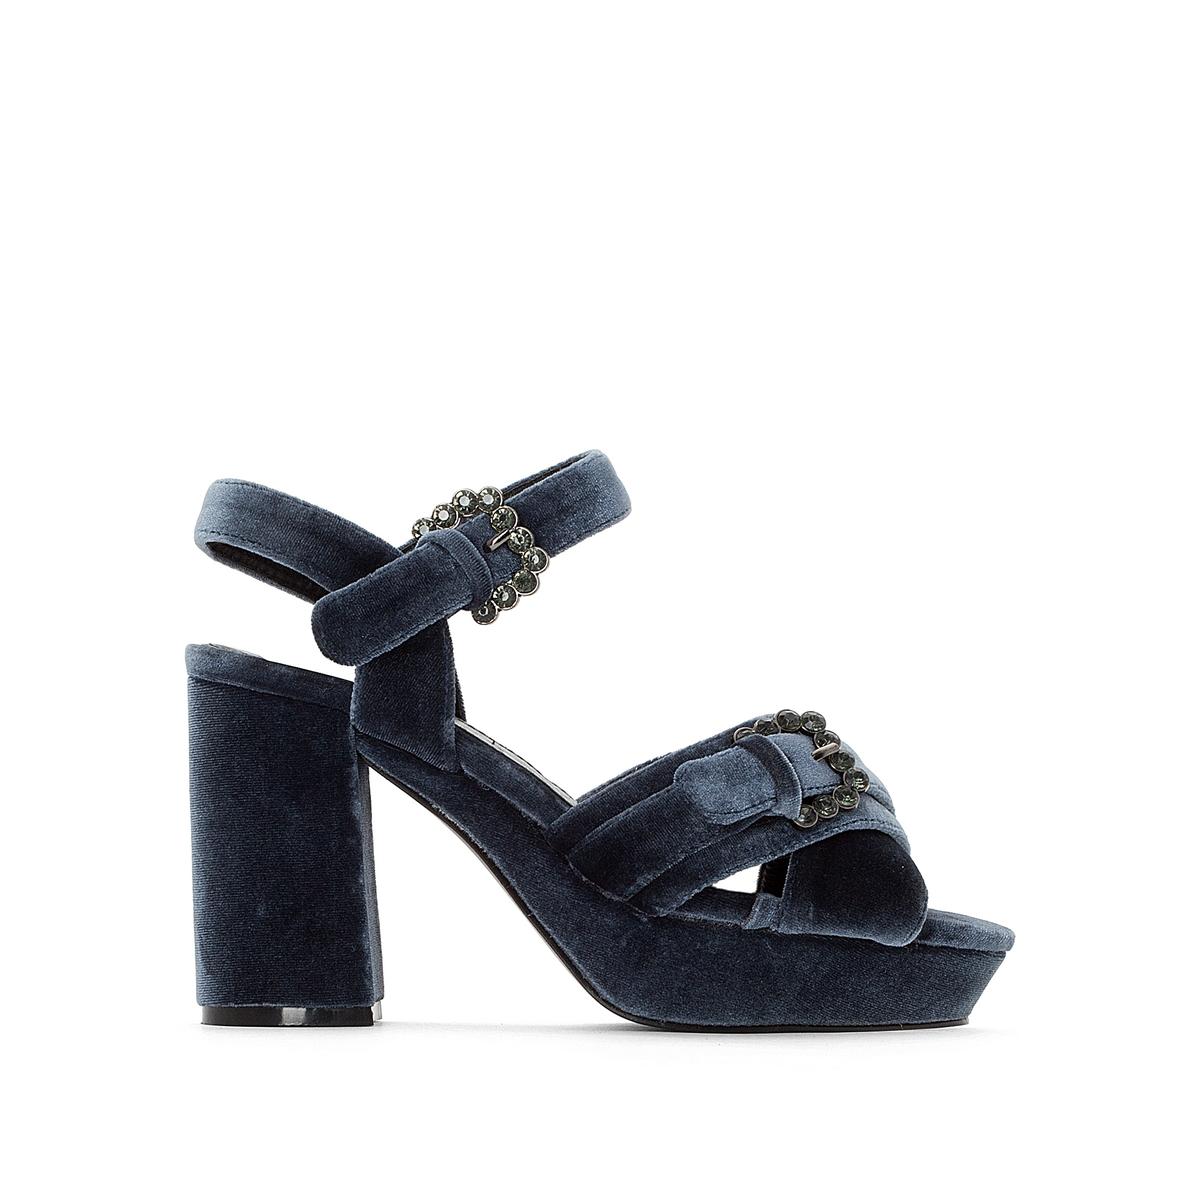 Sandalias de terciopelo y tacón alto, con hebillas estilo bisutería